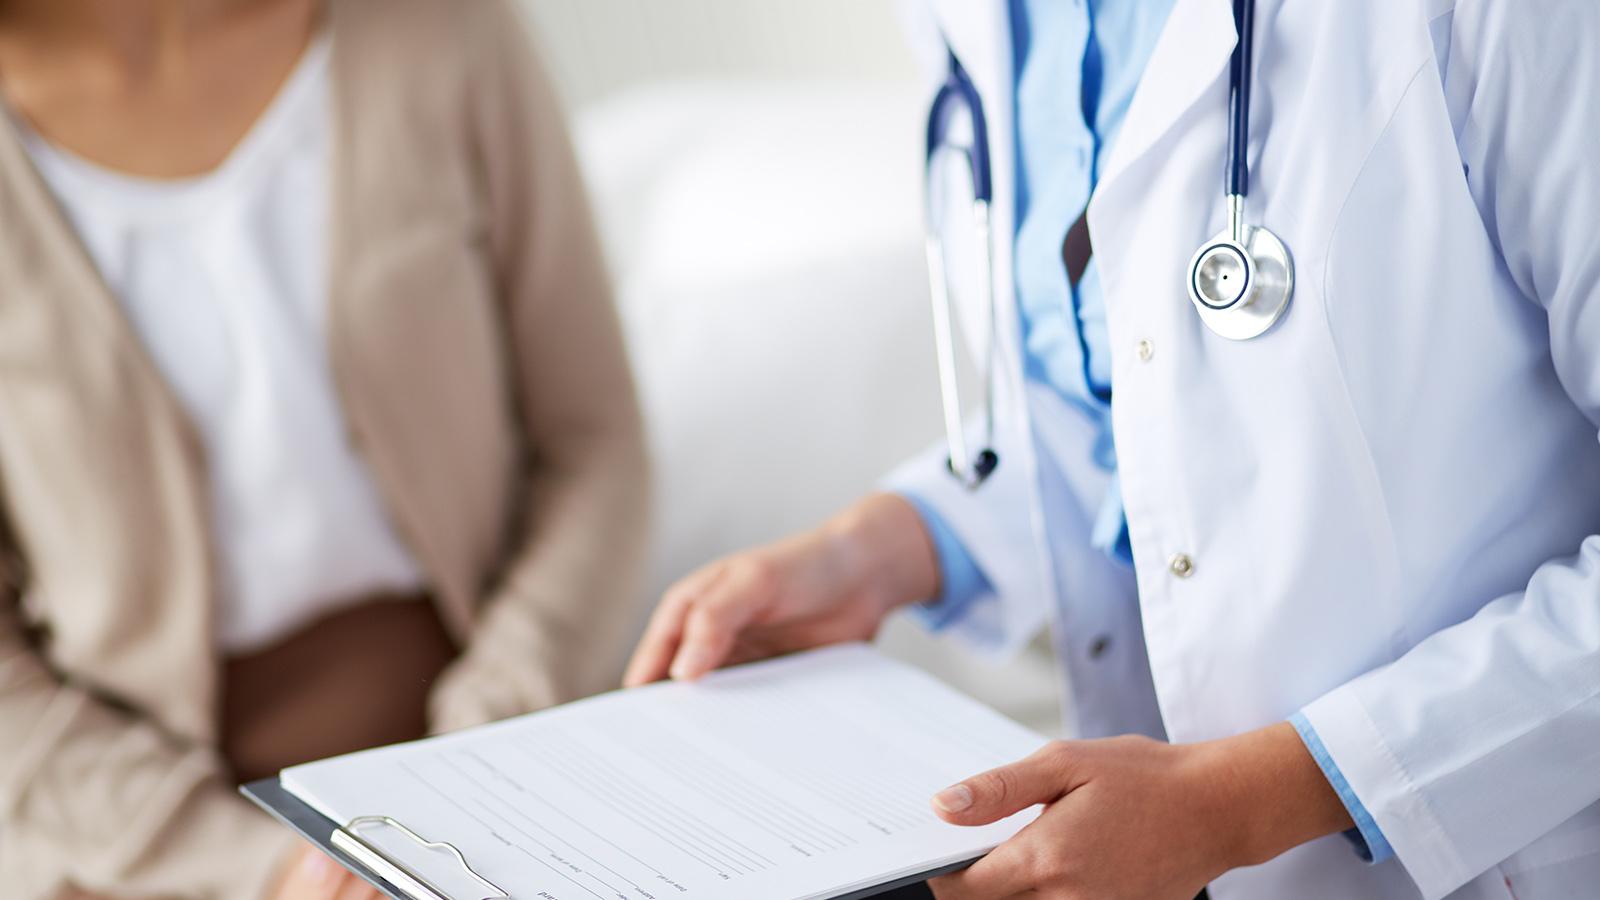 Errore medico, ecco le nuove regole, tra pro e contro, non c'è ancora abbastanza chiarezza